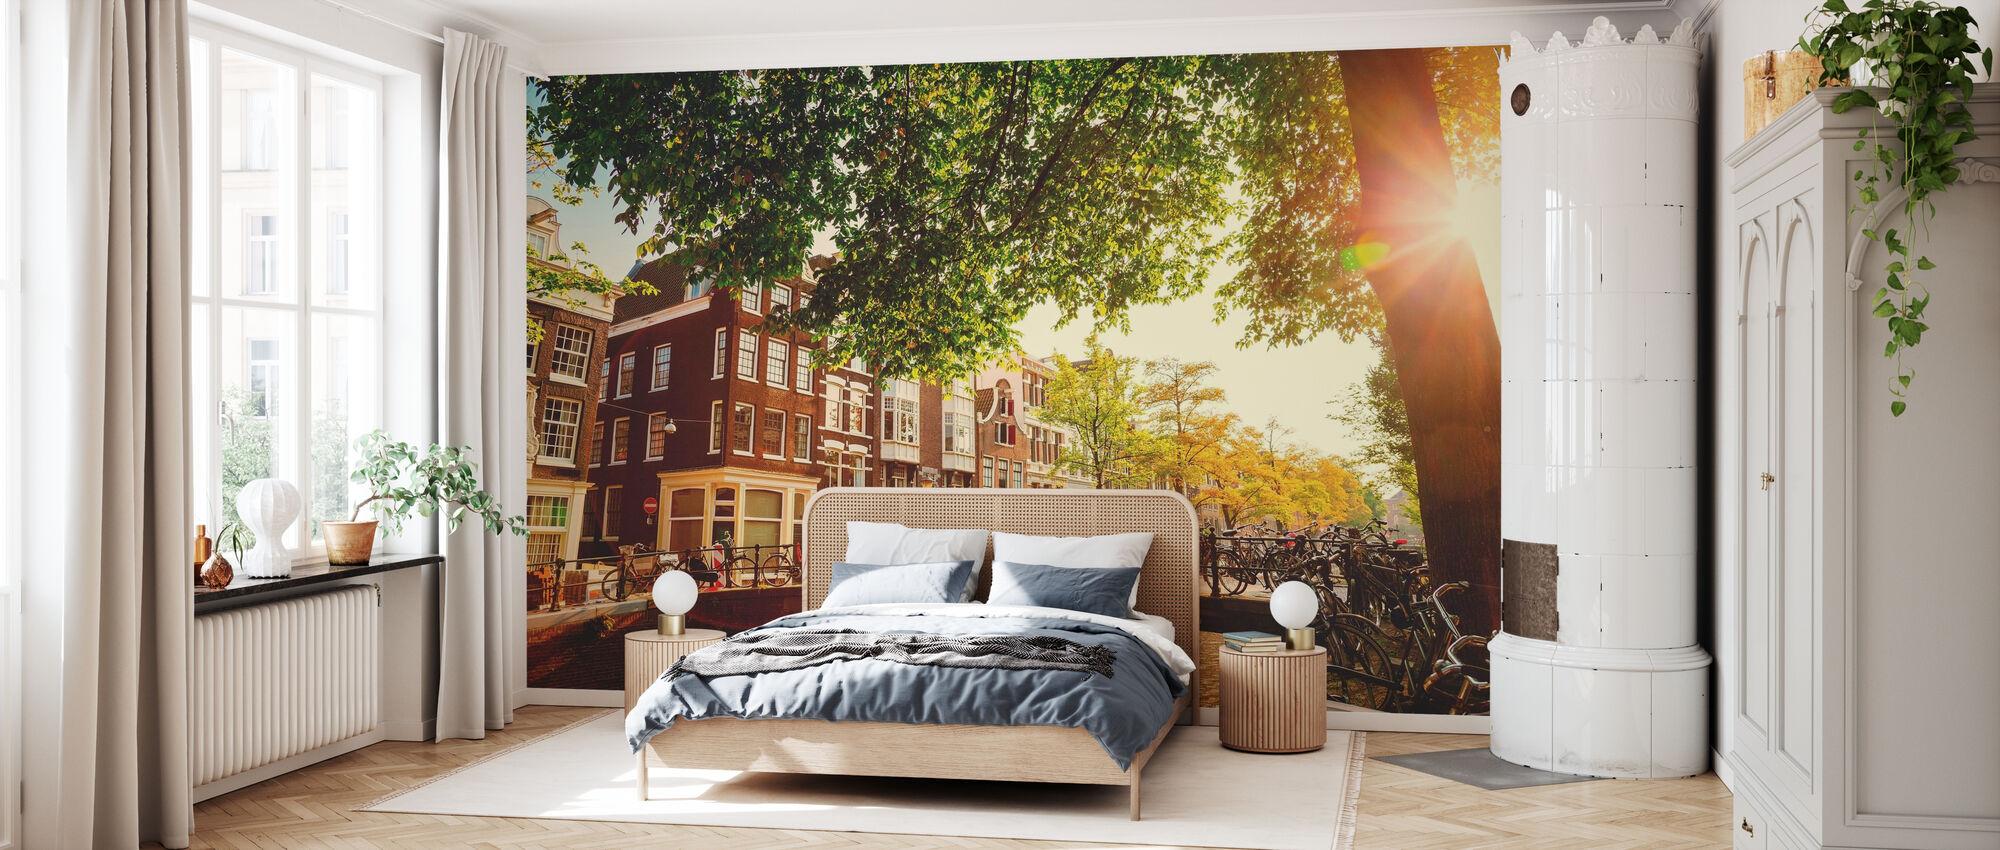 Bridge in Amsterdam - Wallpaper - Bedroom